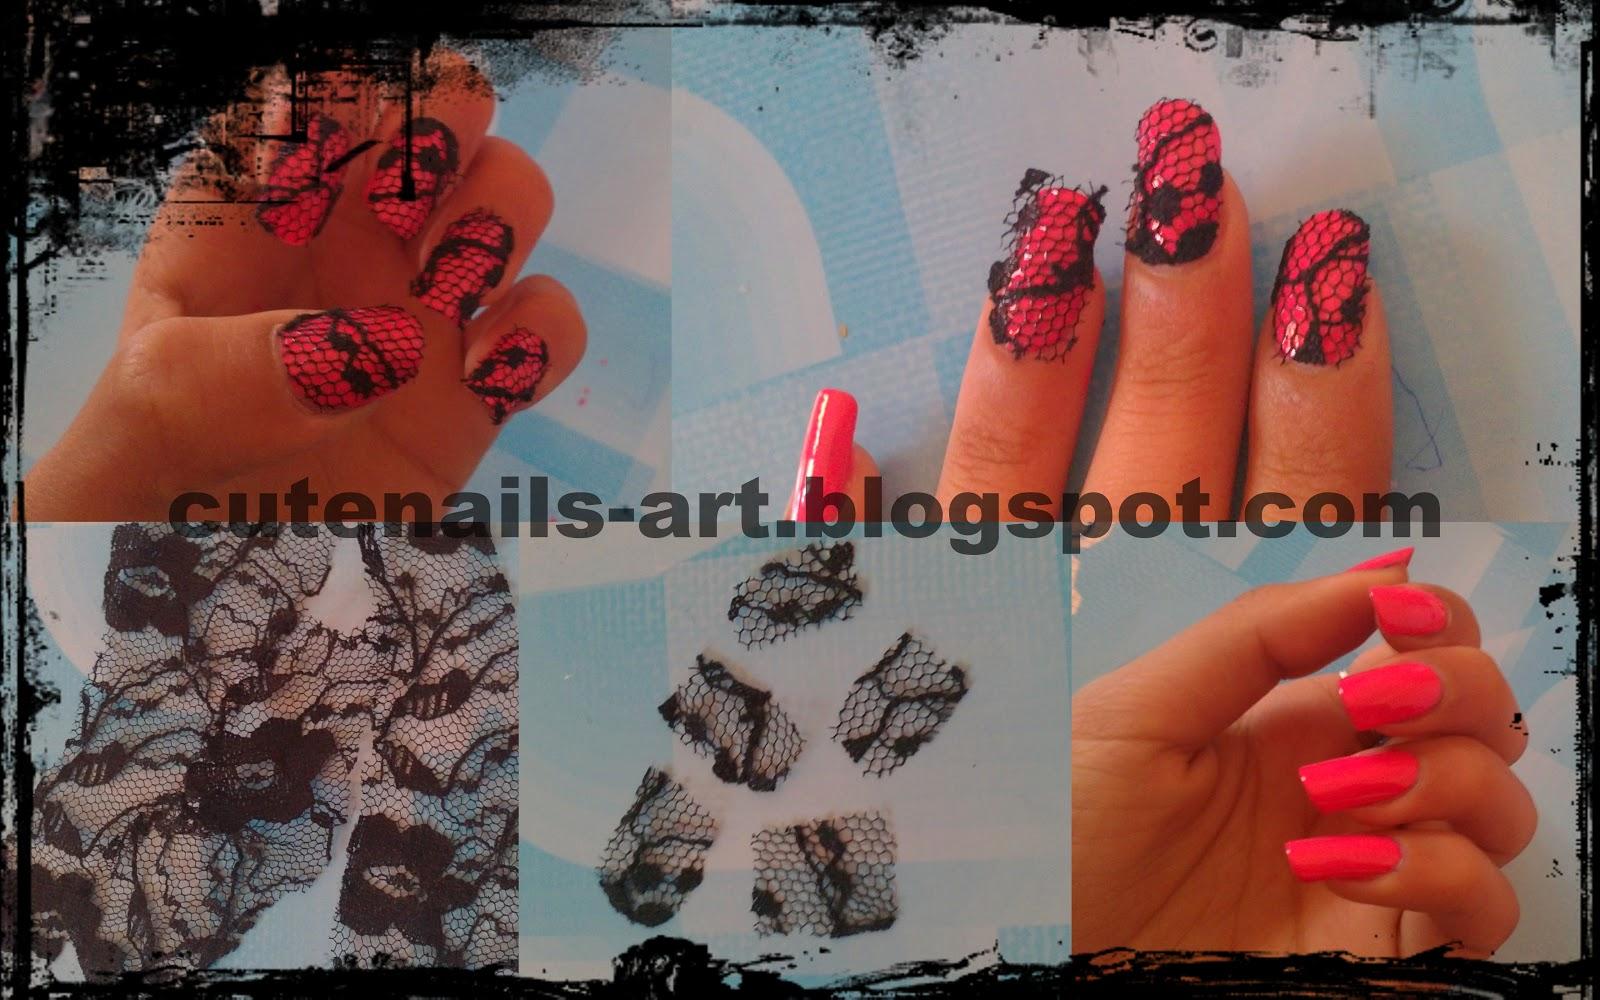 cutenails-art: Real Lace Nail Art step by step